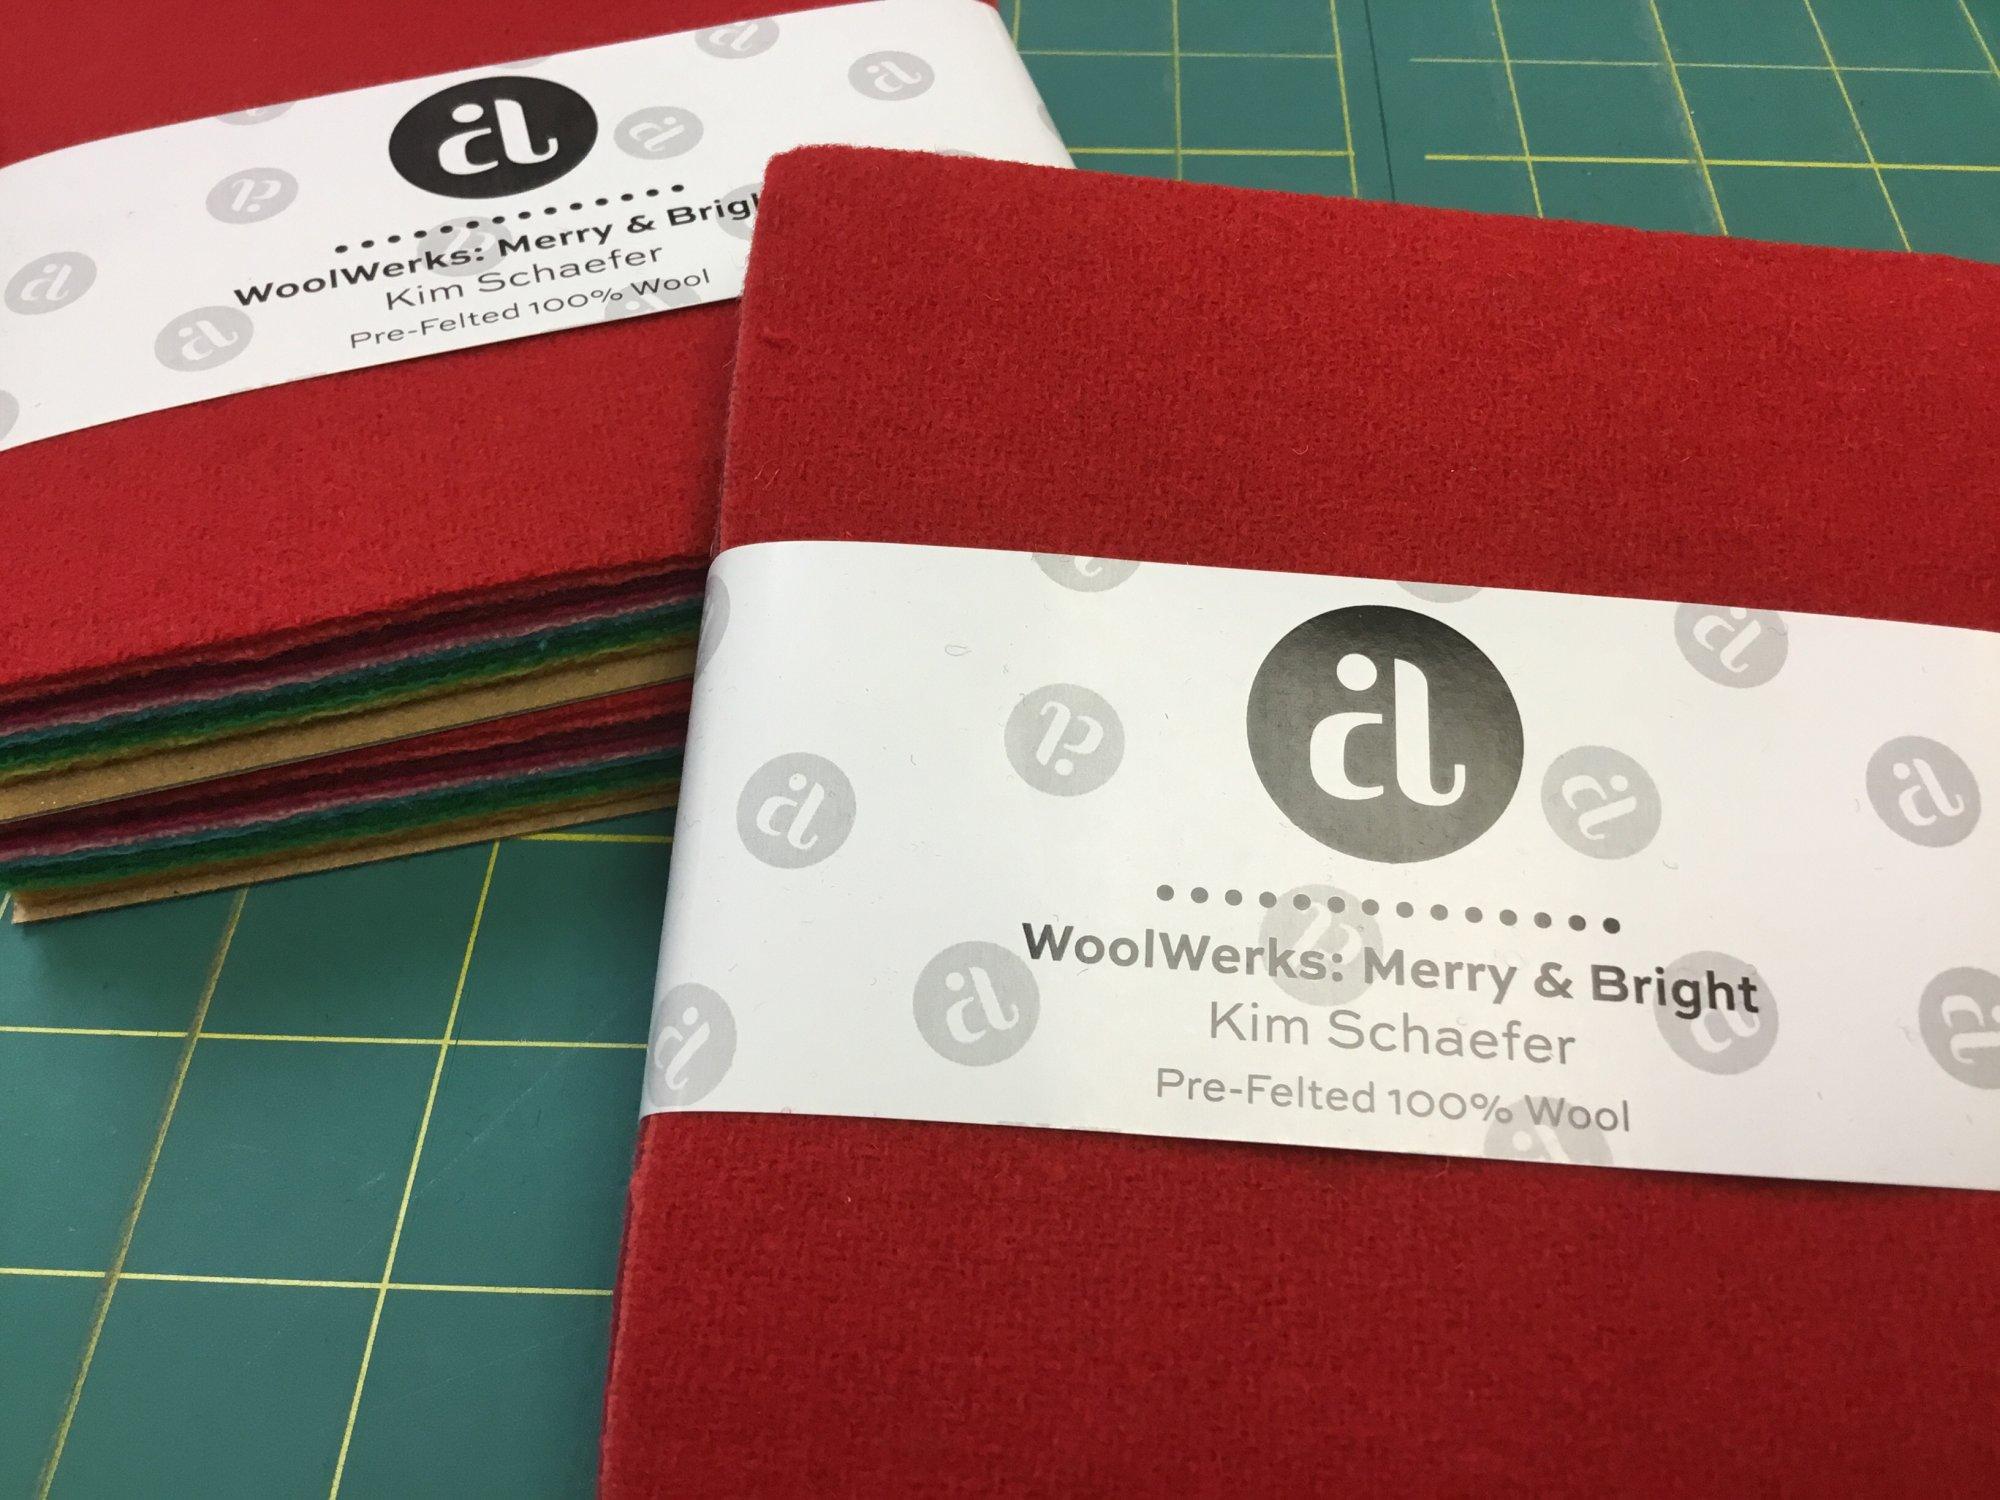 Wool Werks: Merry & Bright